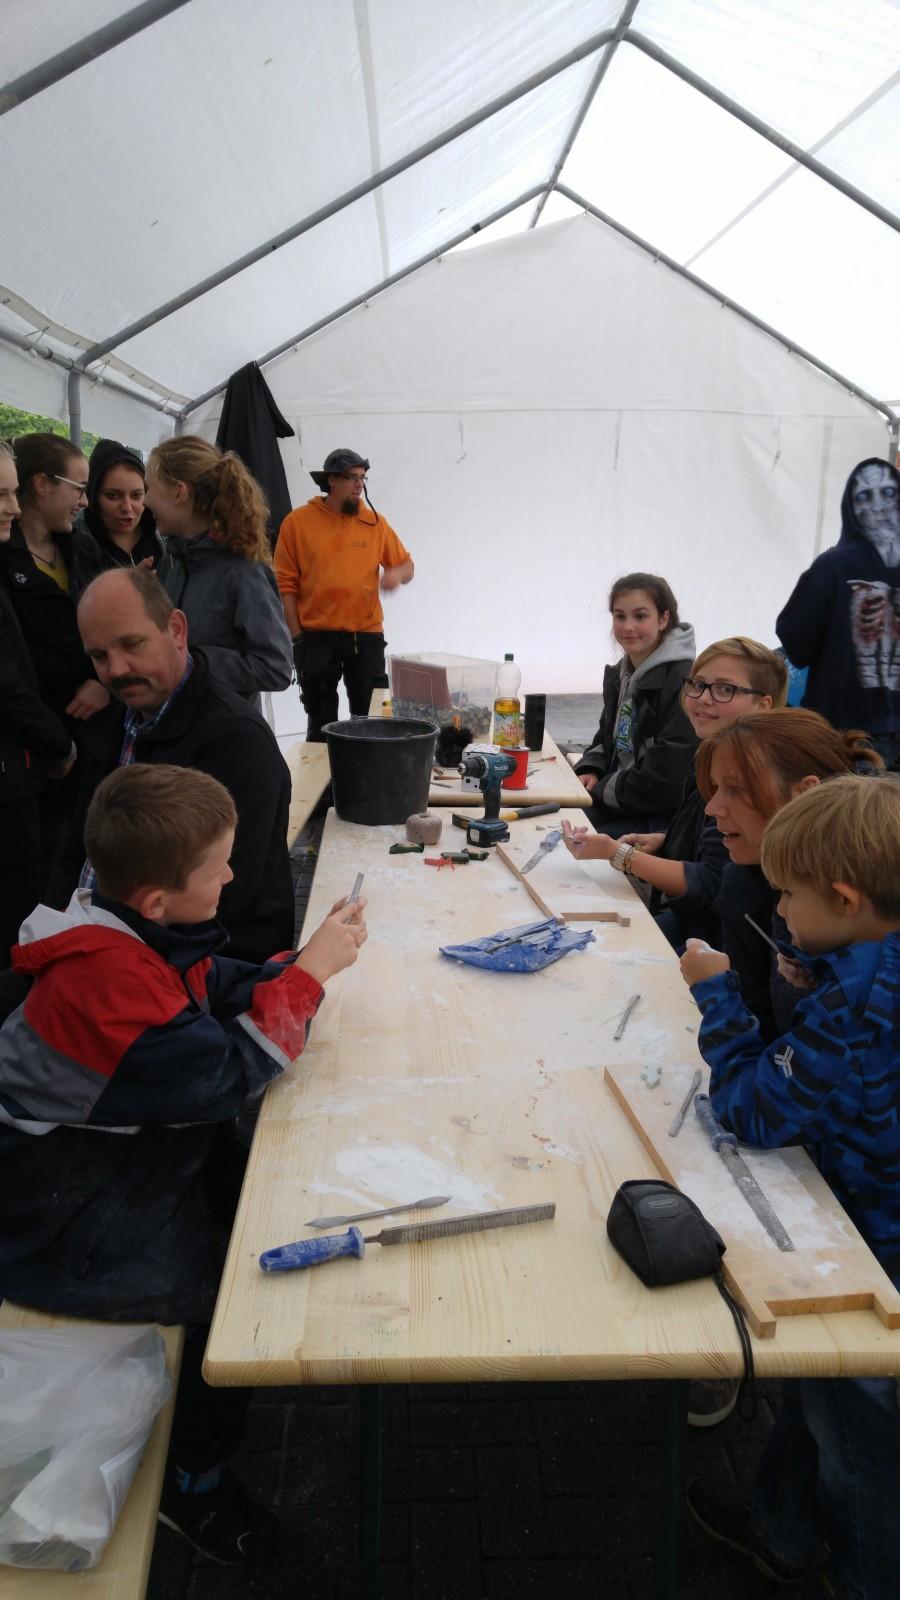 Die Evangelsiche Jugend der Wesermarsch und das Specksteinangebot